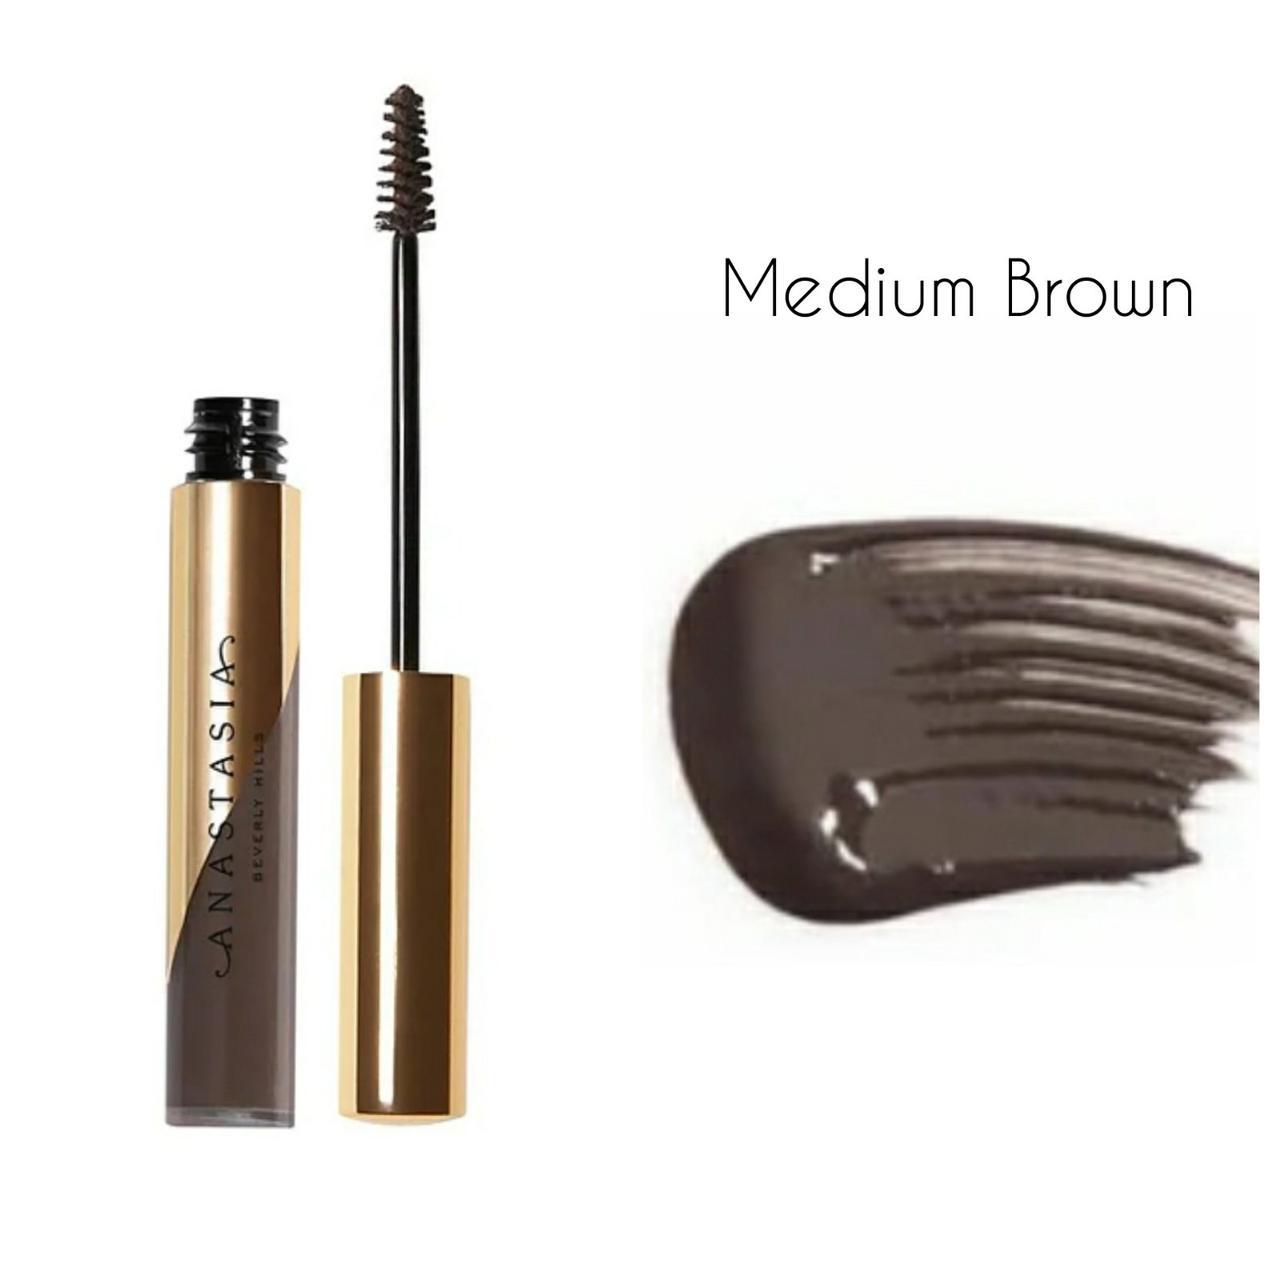 Гель для бровей Anastasia Beverly Hills - Medium Brown оттеночный 2.2g